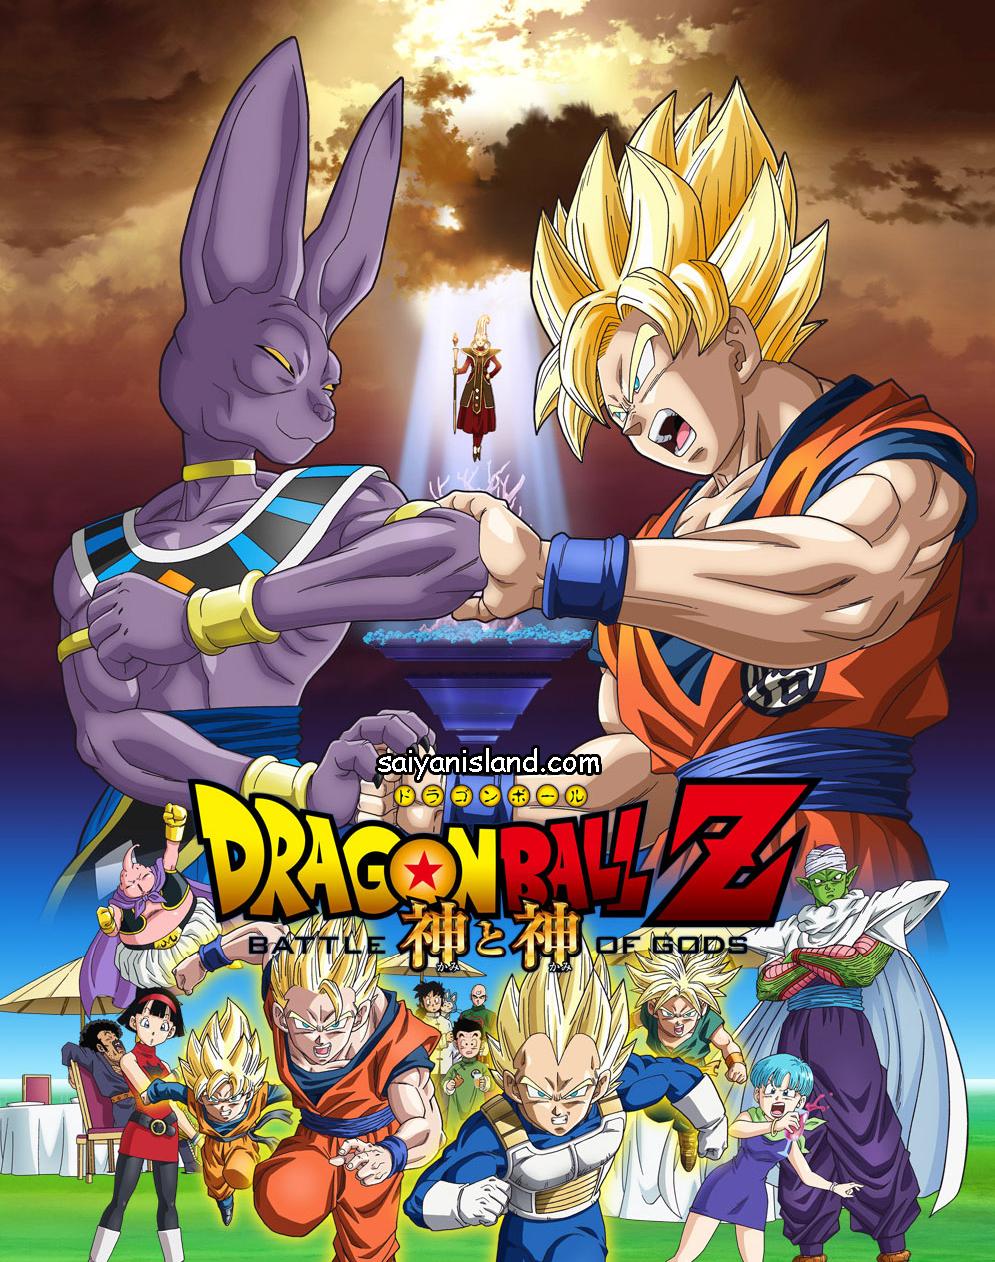 Dragon Ball Super Episode 38 36 40 Subtitle Indonesia